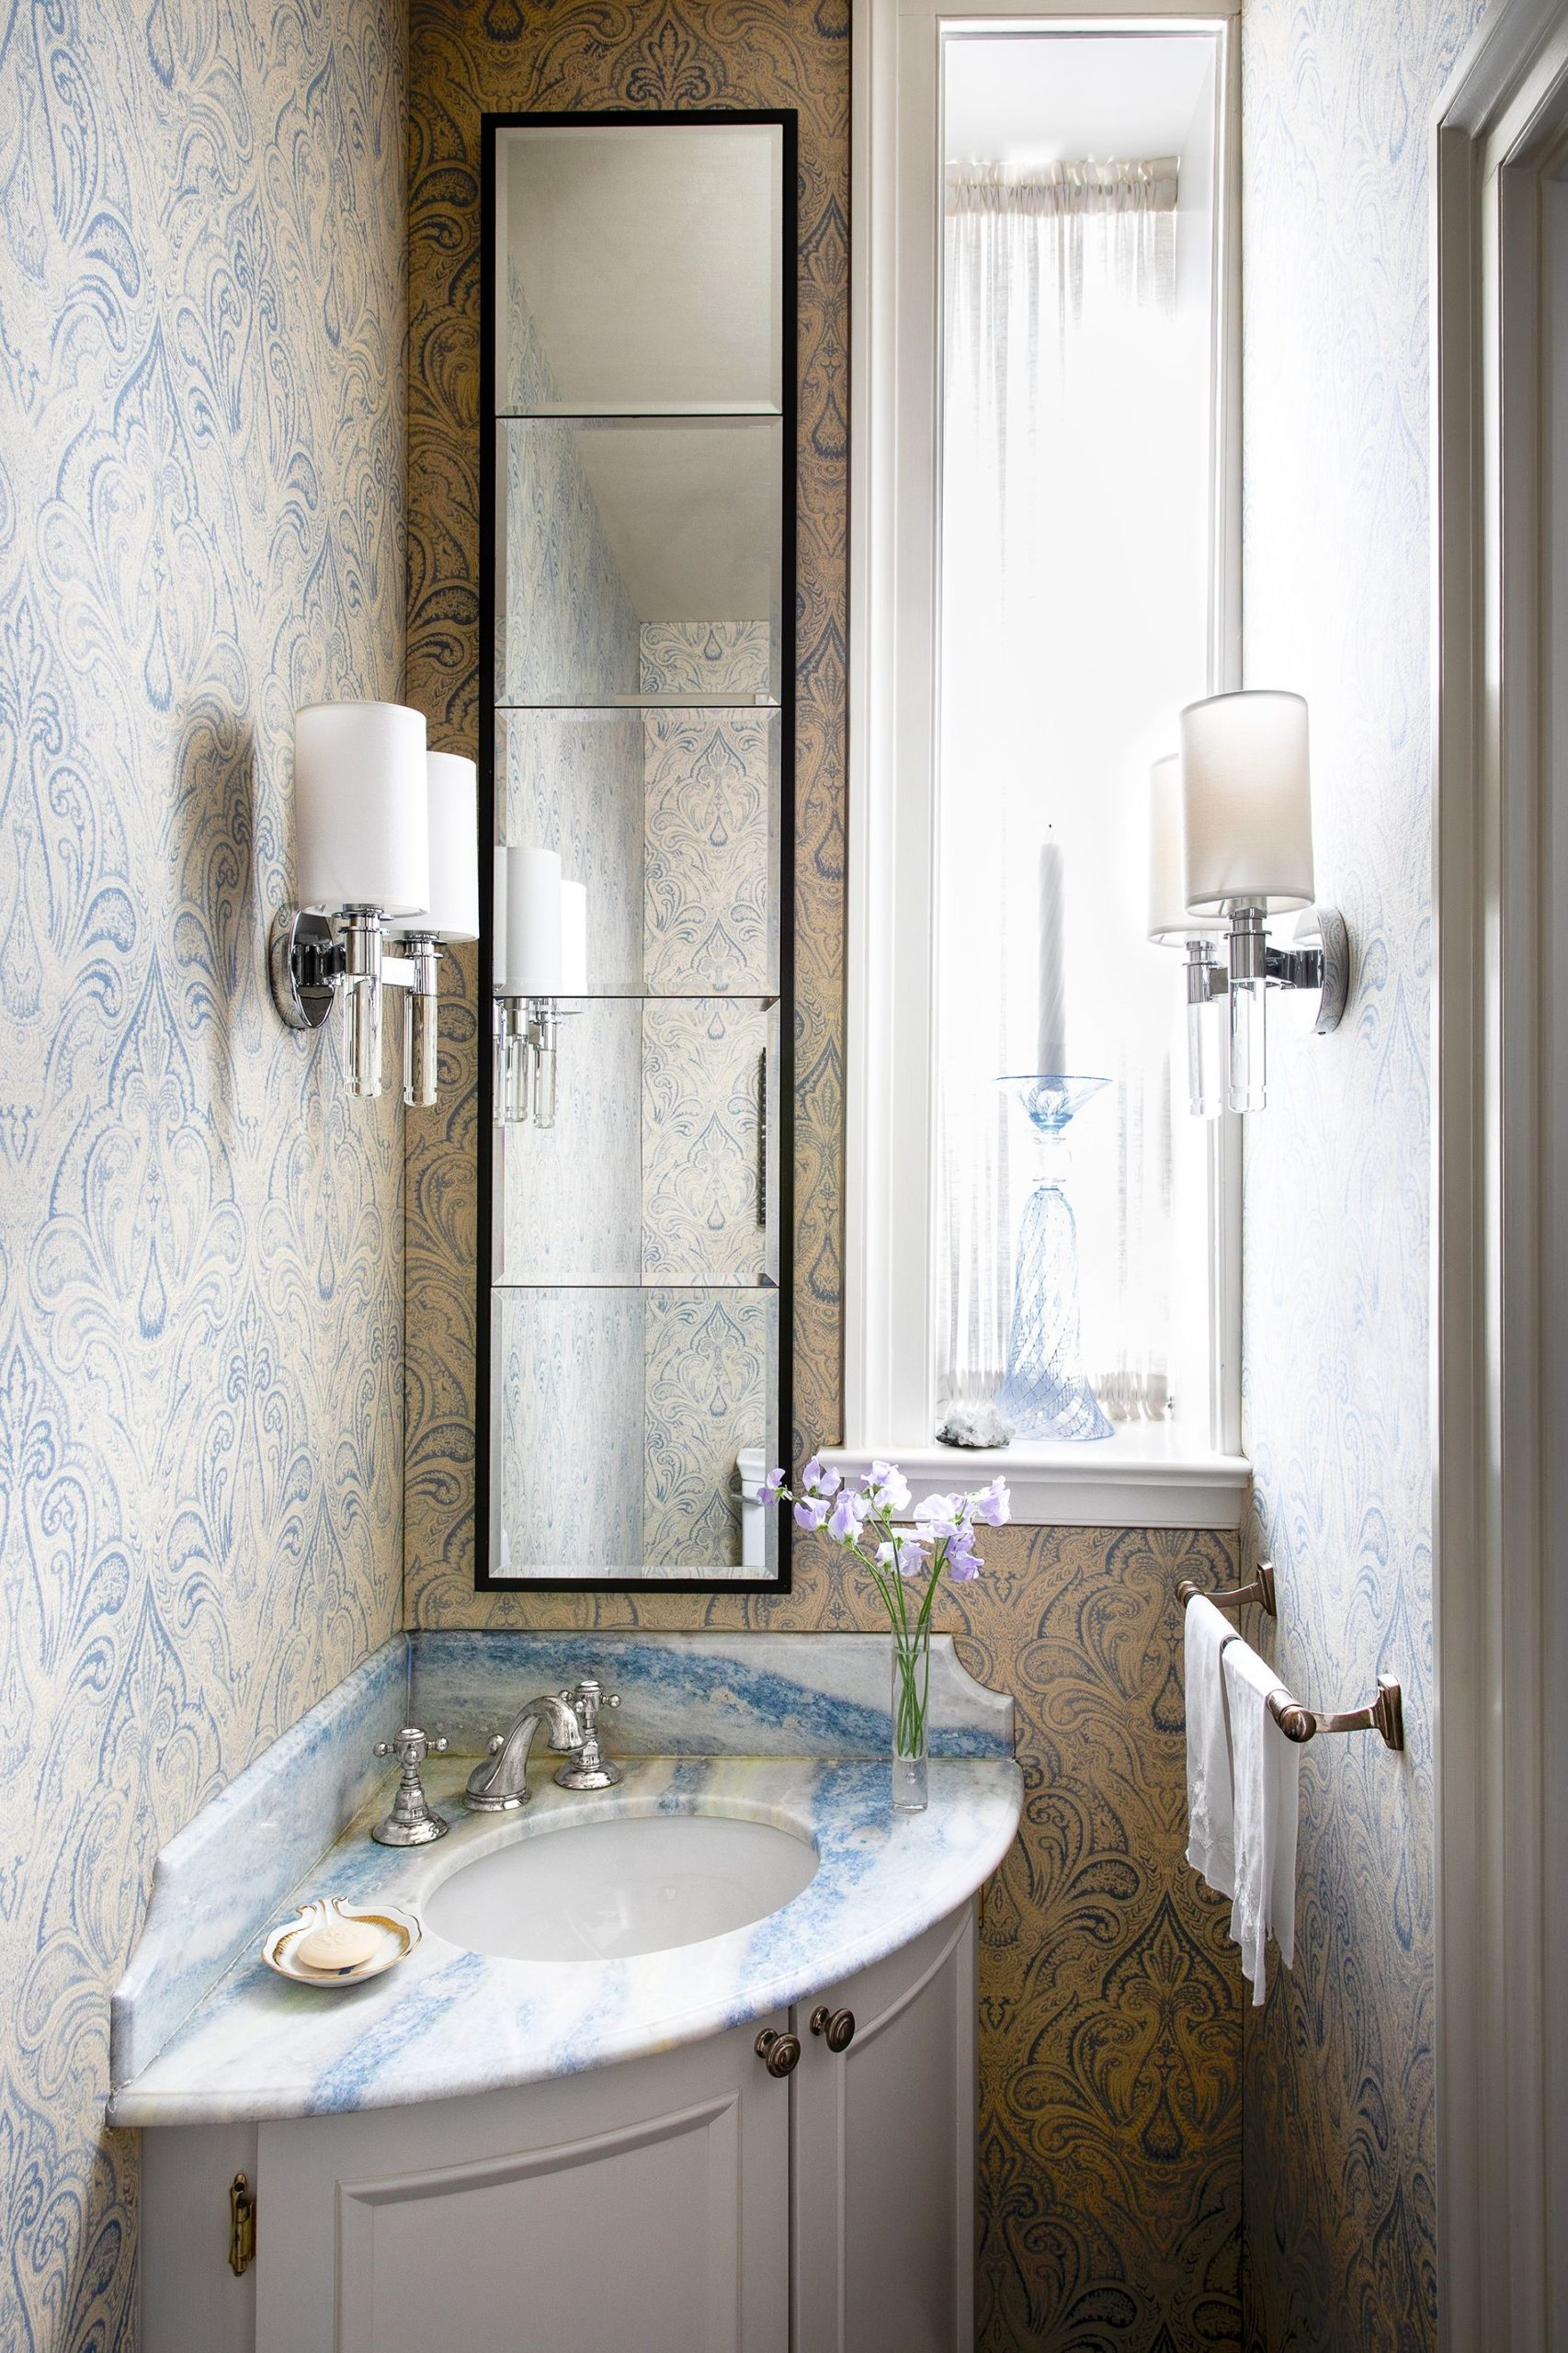 Fabriquer un meuble pour la salle de bains.